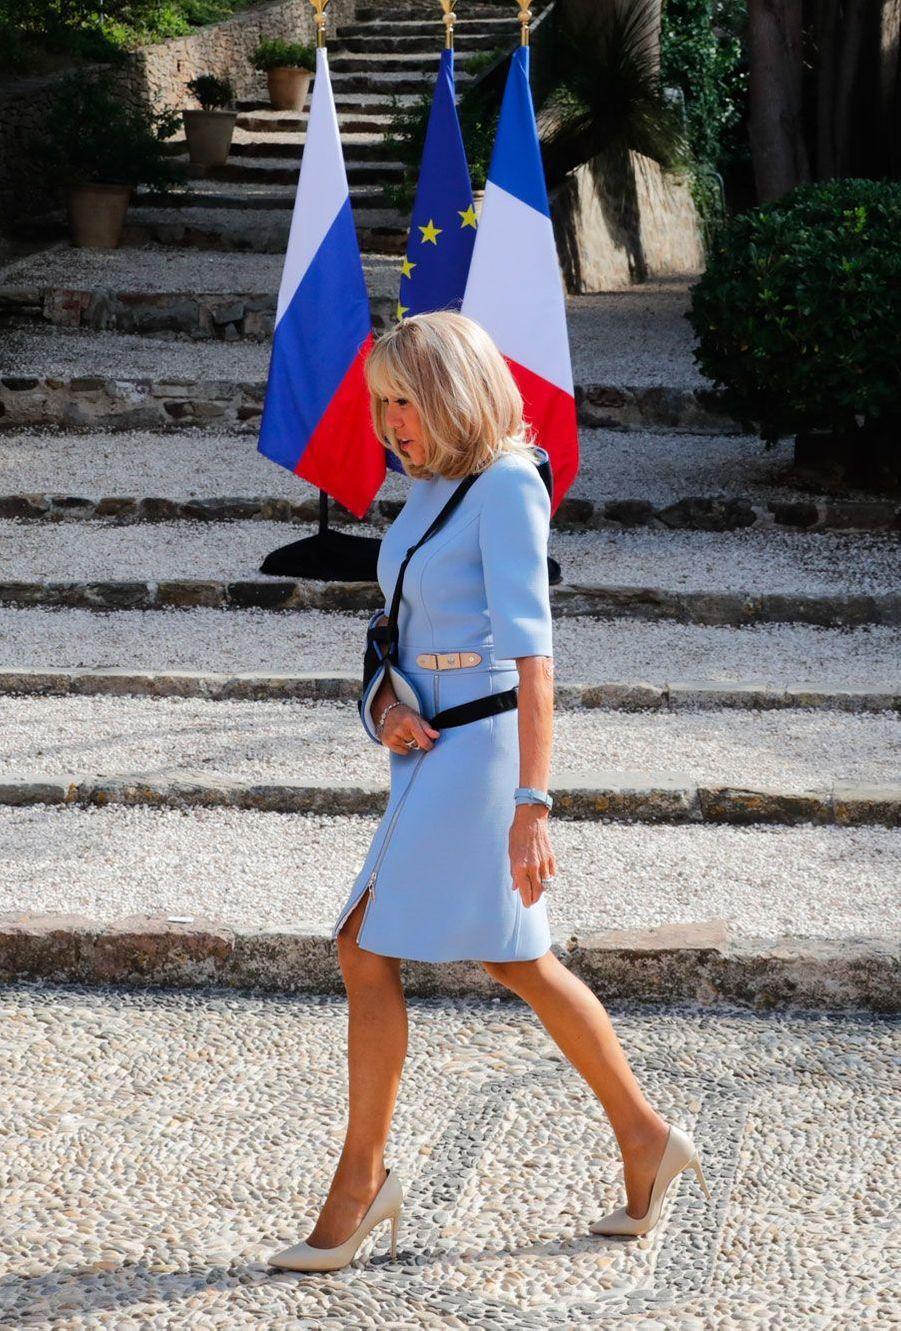 Brigitte Macron avant l'arrivée de Vladimir Poutine, lundi au fort de Brégançon. La première dame a ensuite retiré son écharpe.(photo de l'agence russe TASS)